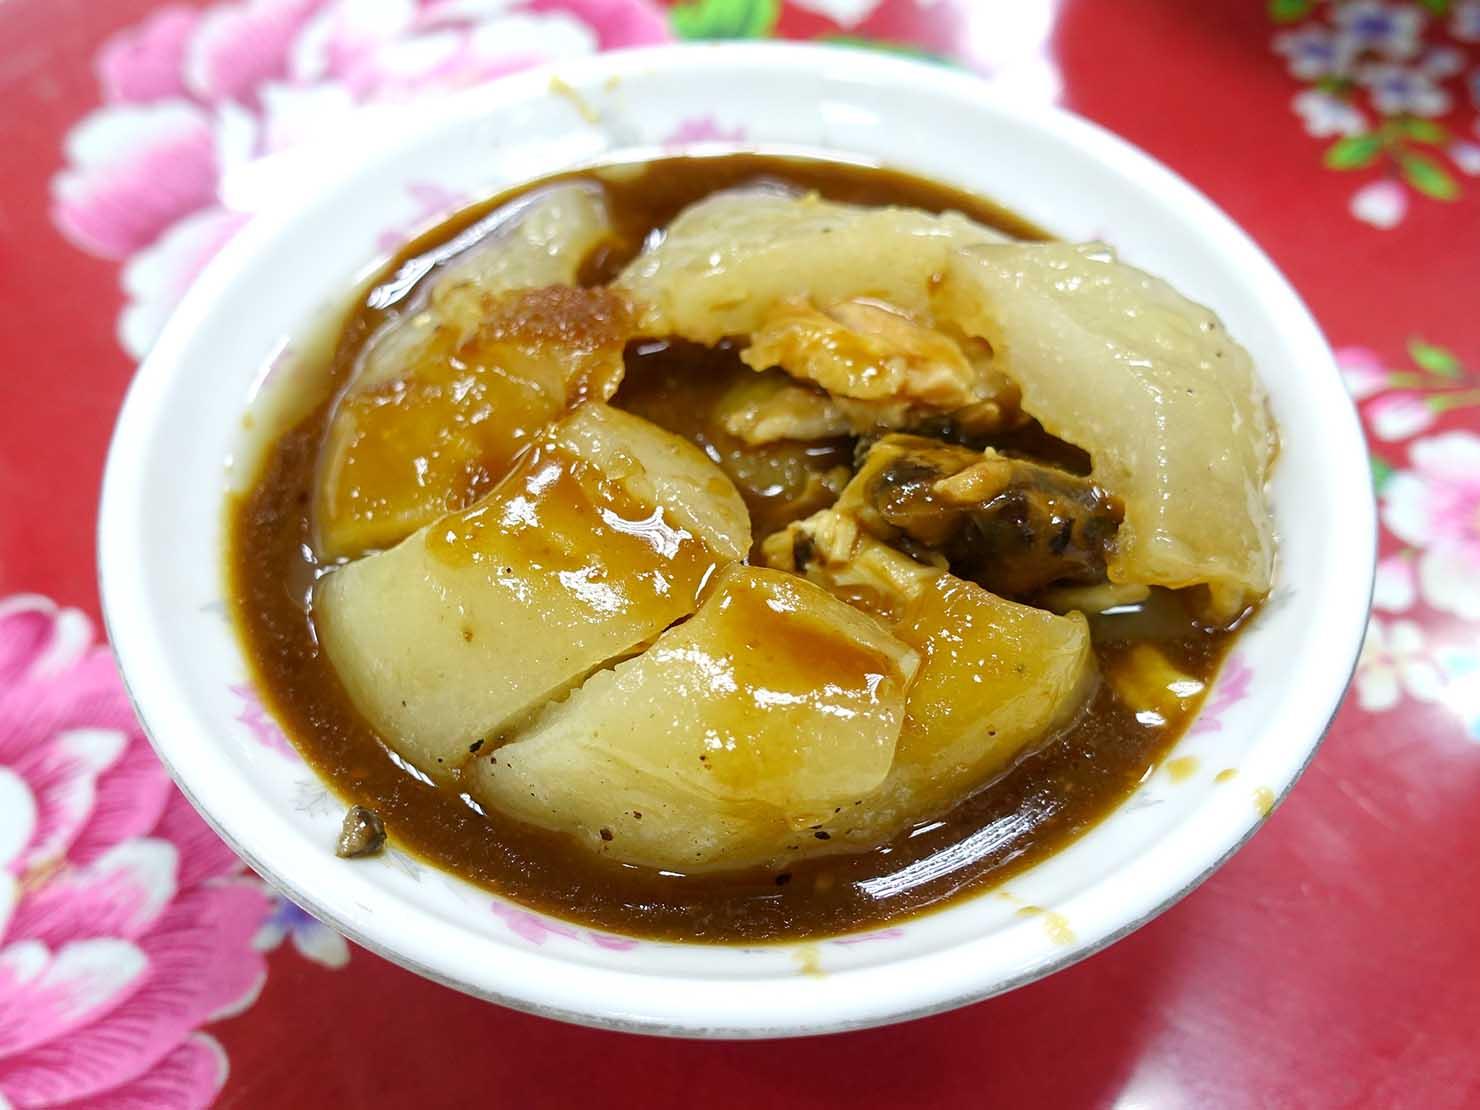 台北・龍山寺エリアのおすすめグルメ店「蘇家肉圓油粿」の肉圓